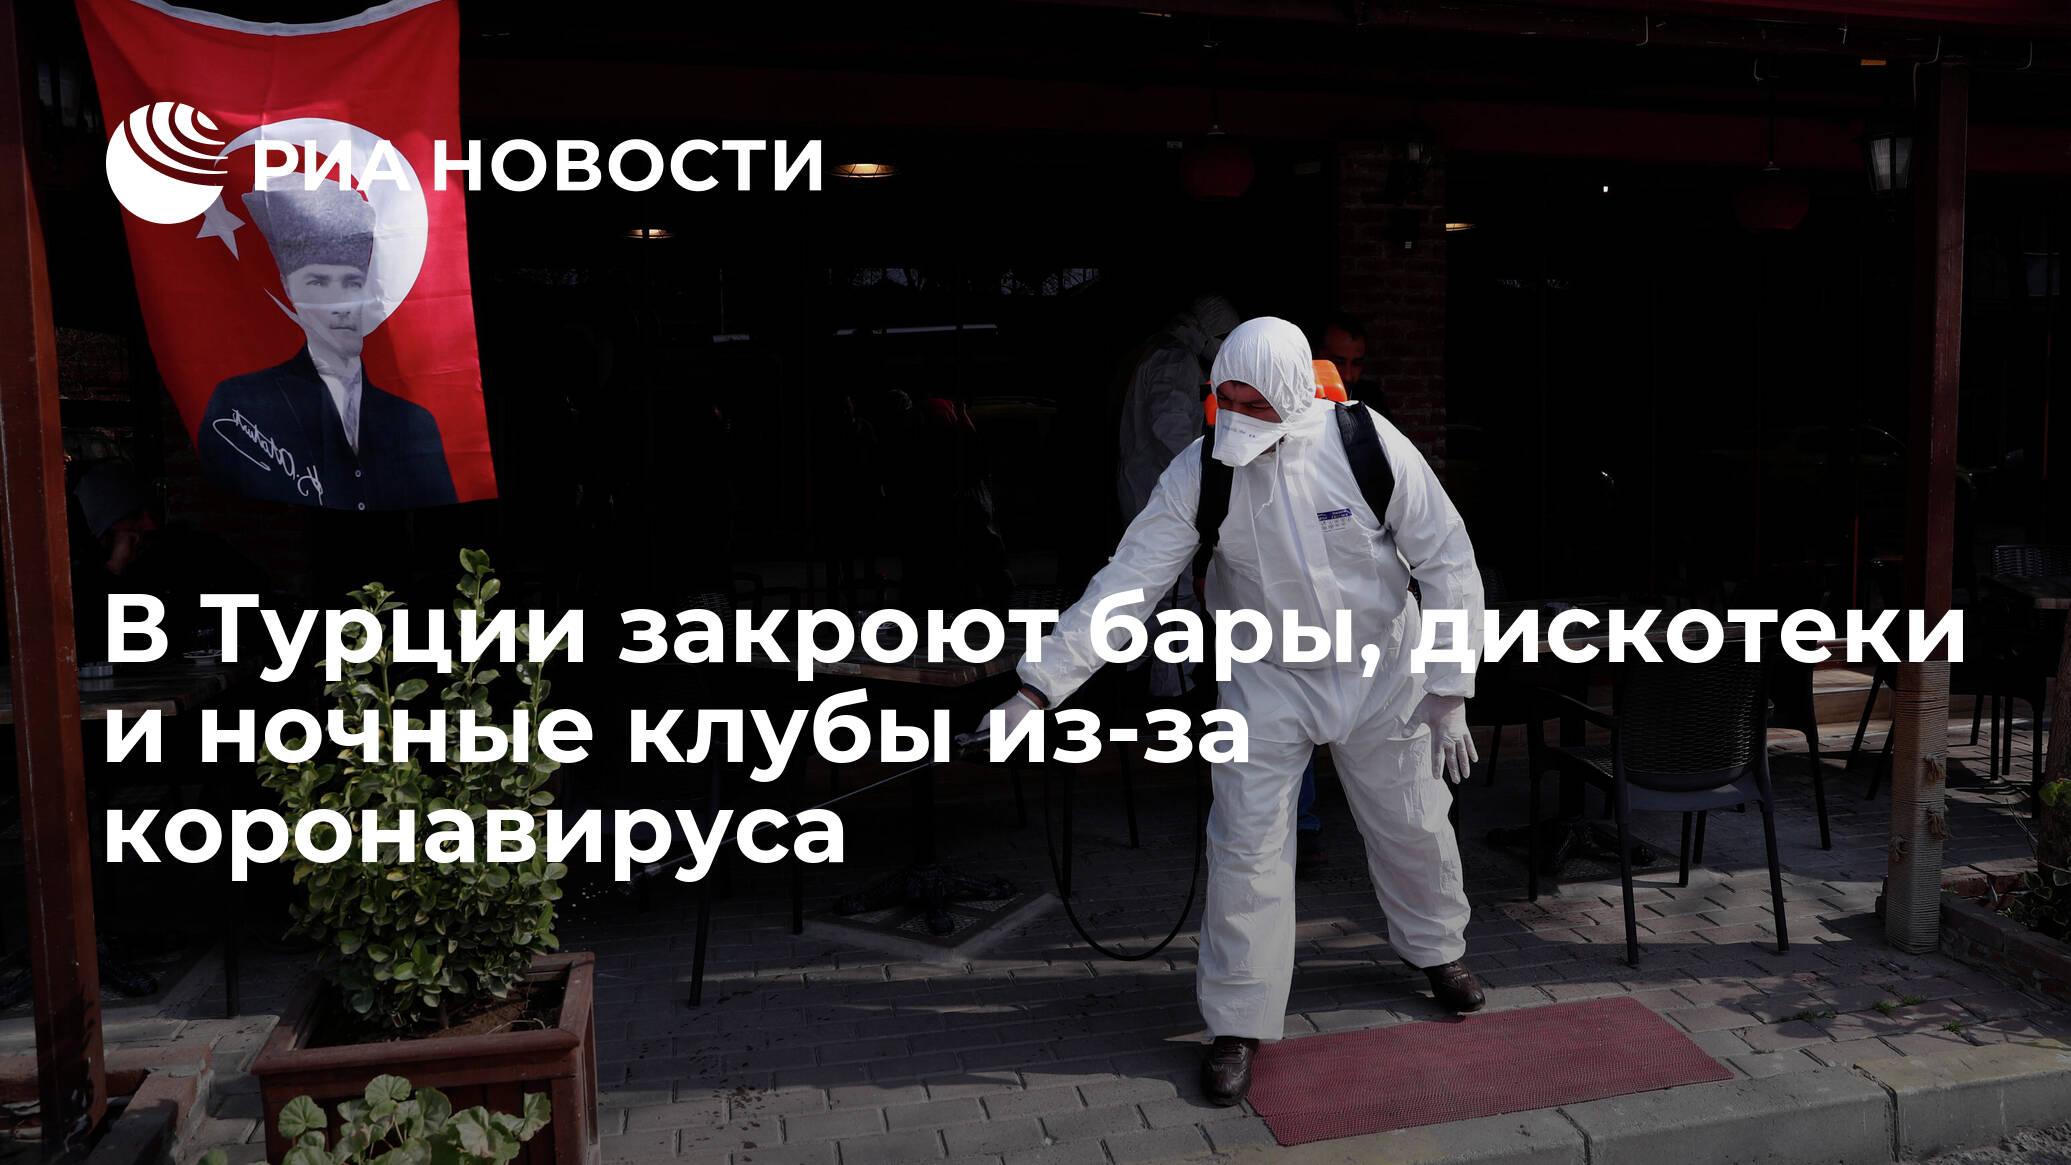 Когда закроют ночные клубы из за коронавируса клуб в москве самолет